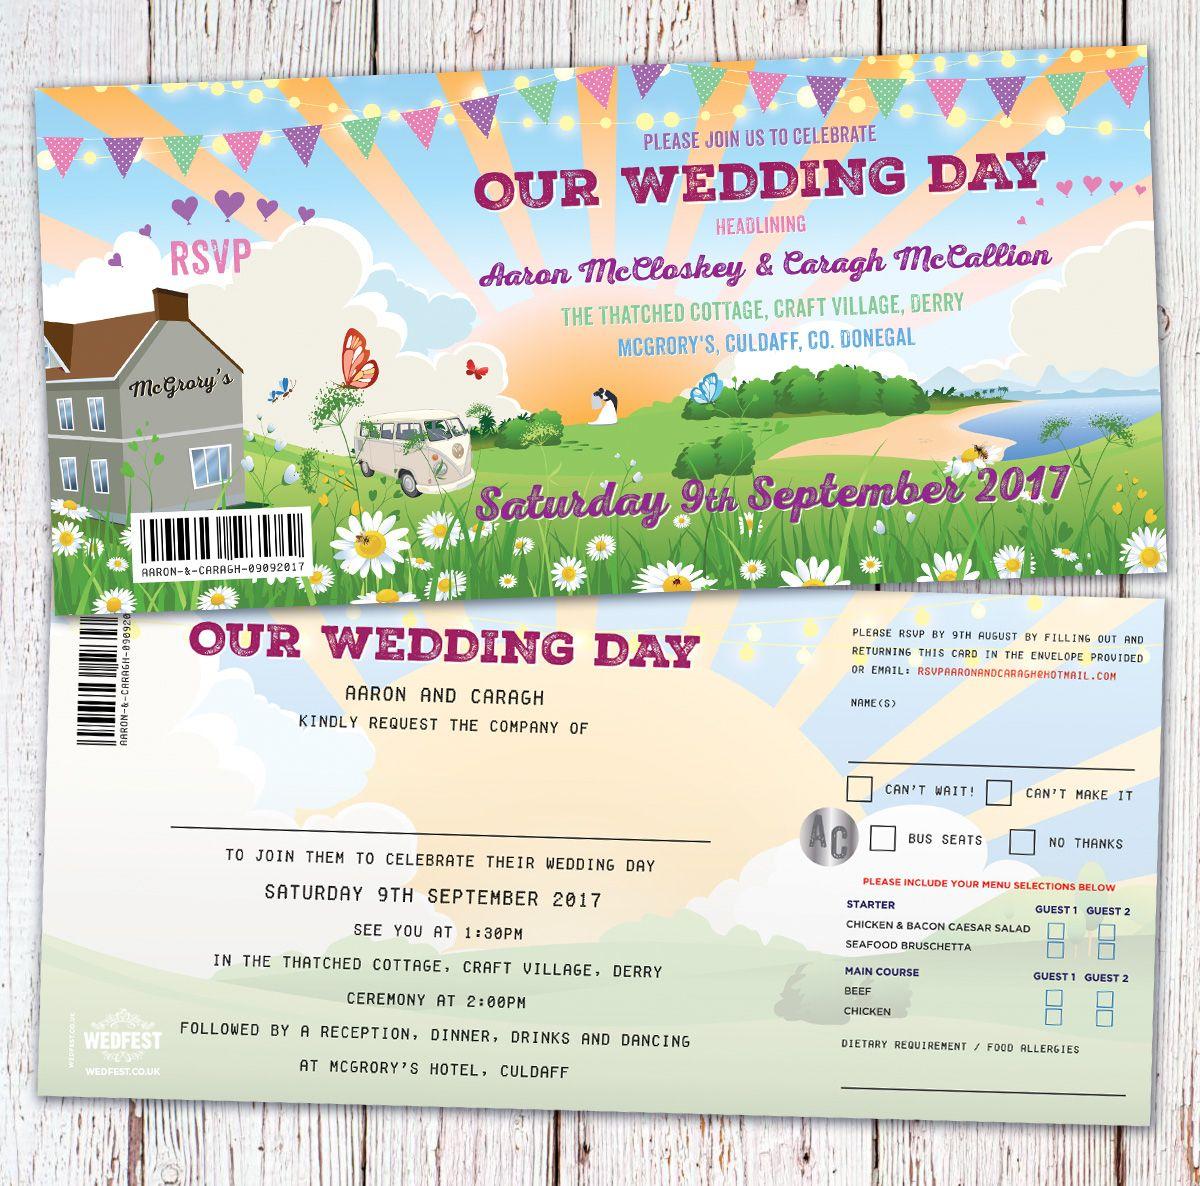 festival wedding donegal mcgrorys culdaff wedding invitations http ...